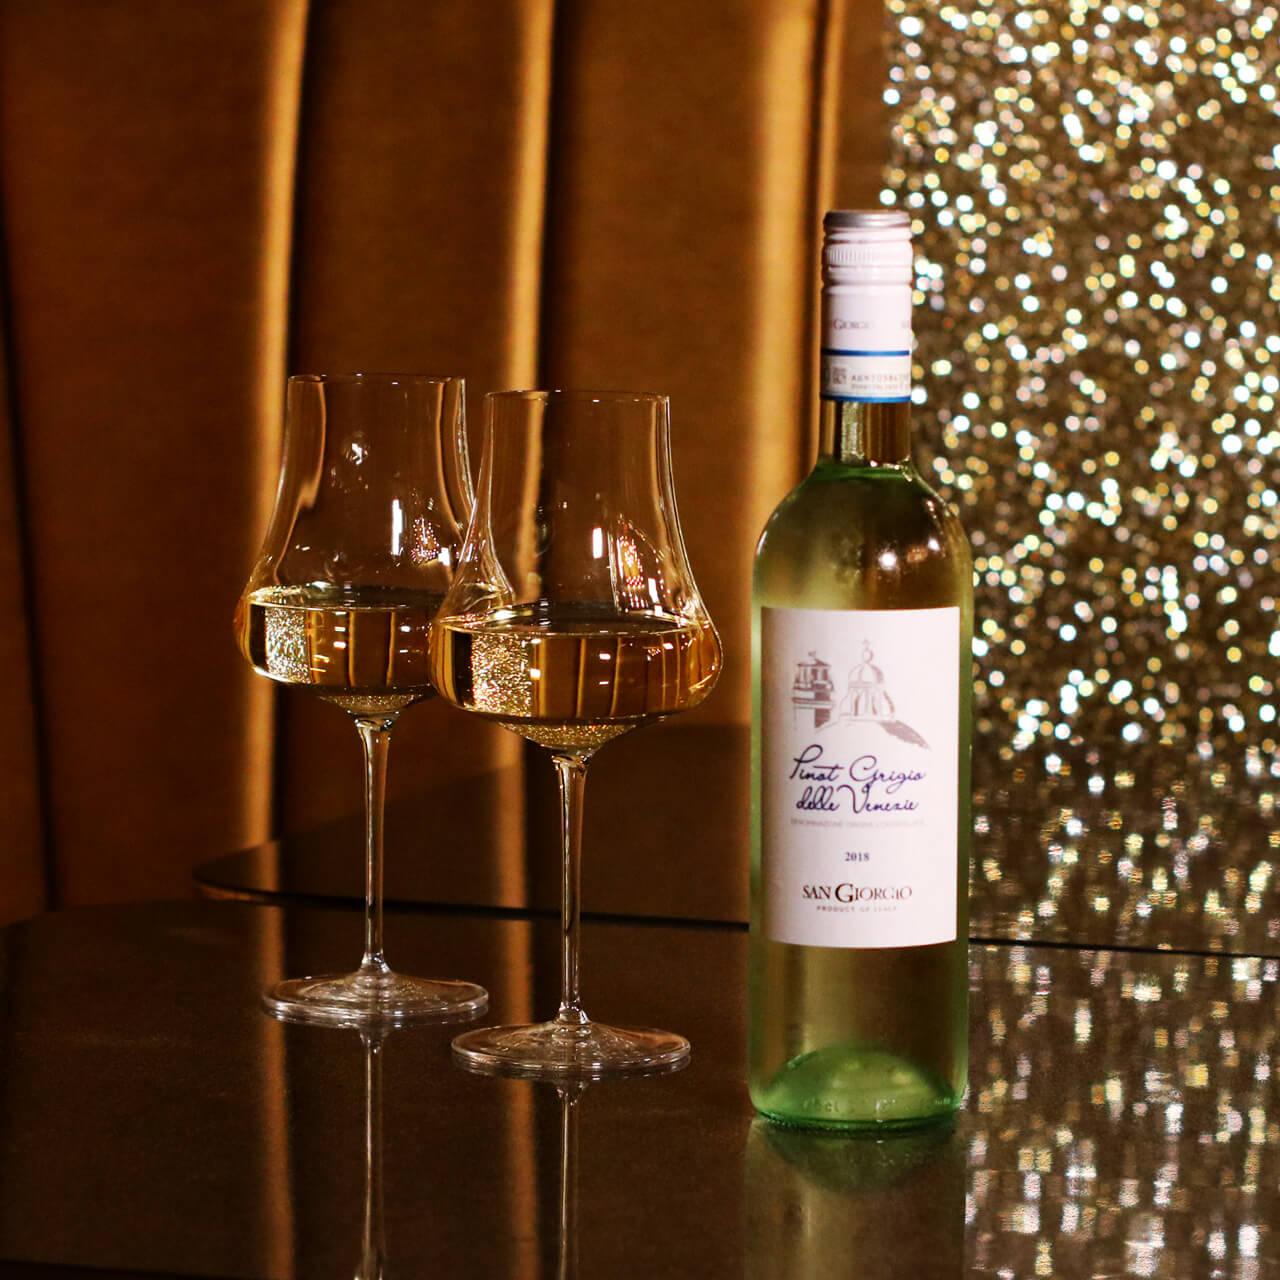 san_giorgio_pinot_grigio_frankies_wine_bar